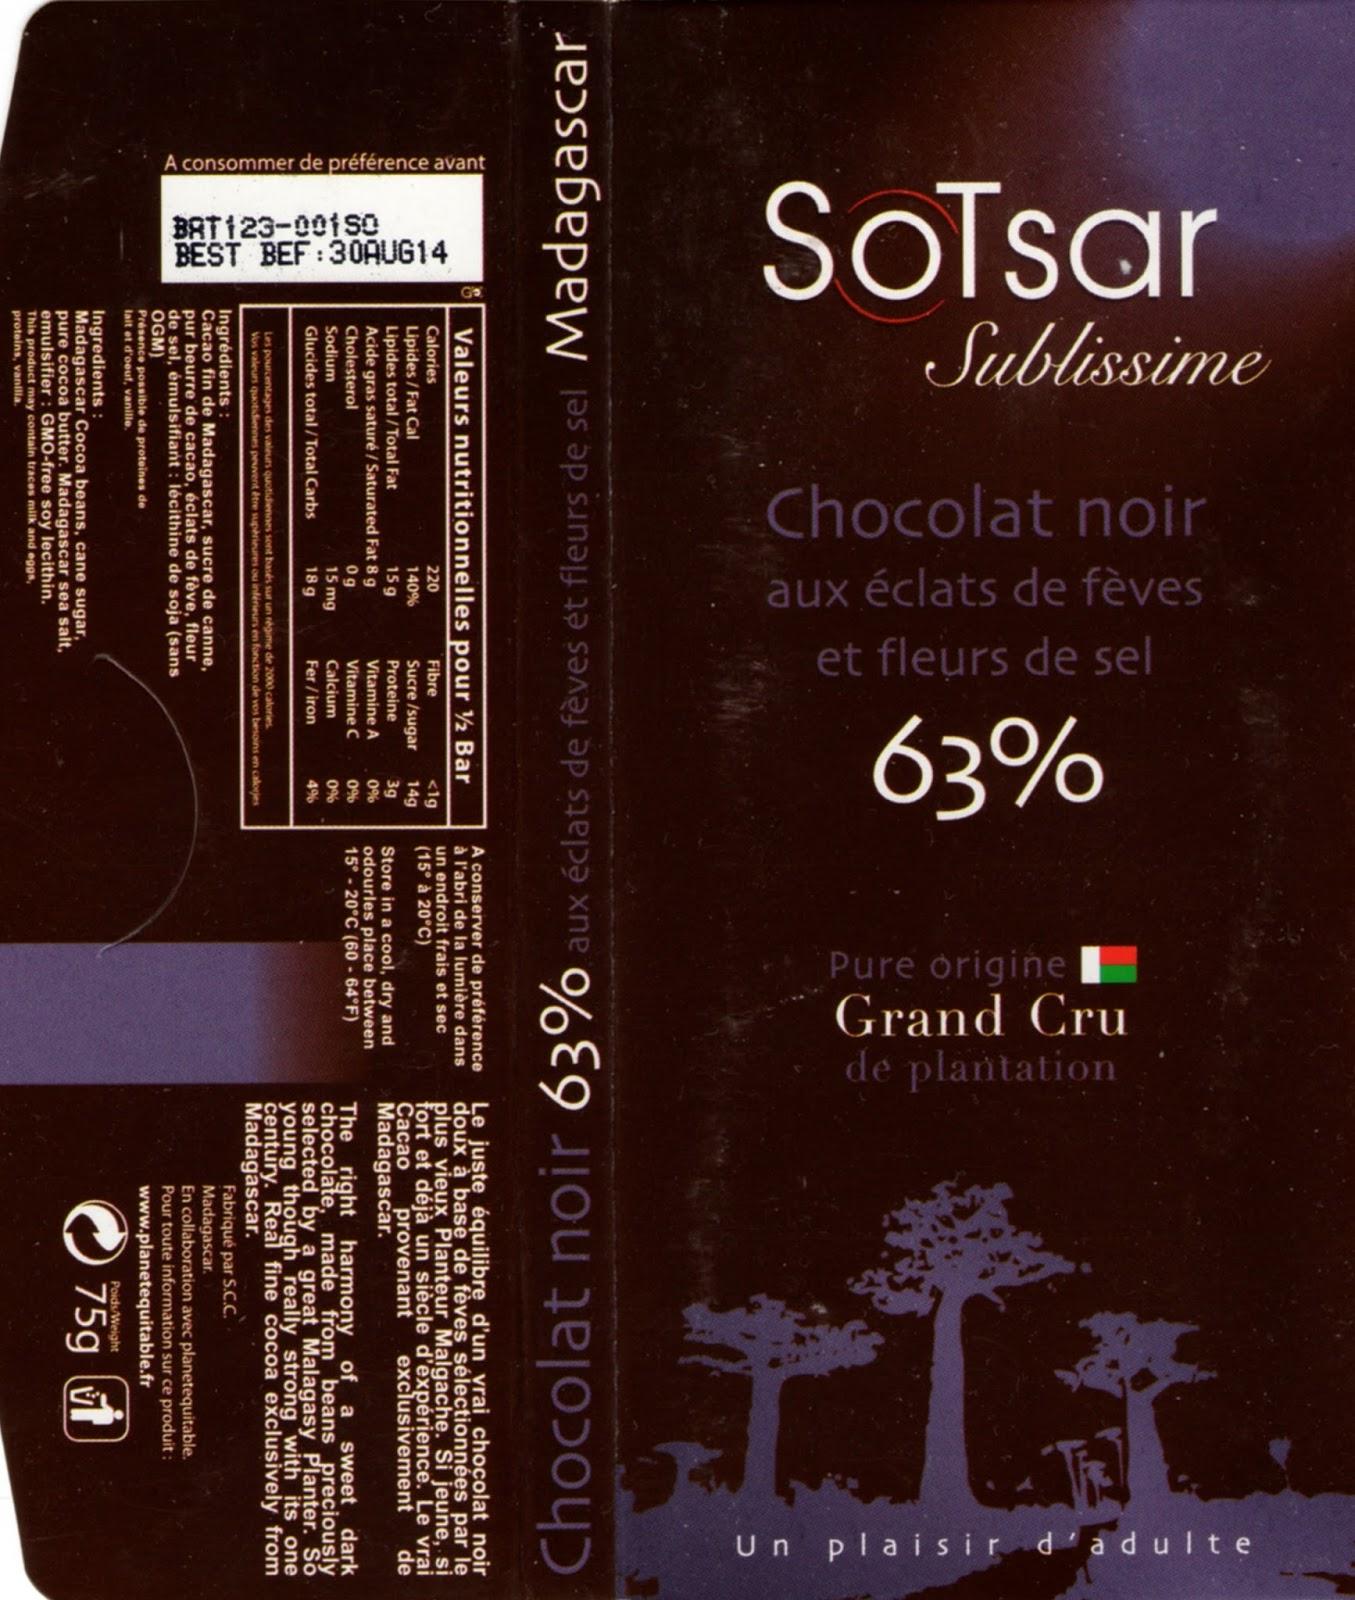 tablette de chocolat noir gourmand sotsar chocolat noir aux eclats de fèves et fleurs de sel madagascar 63